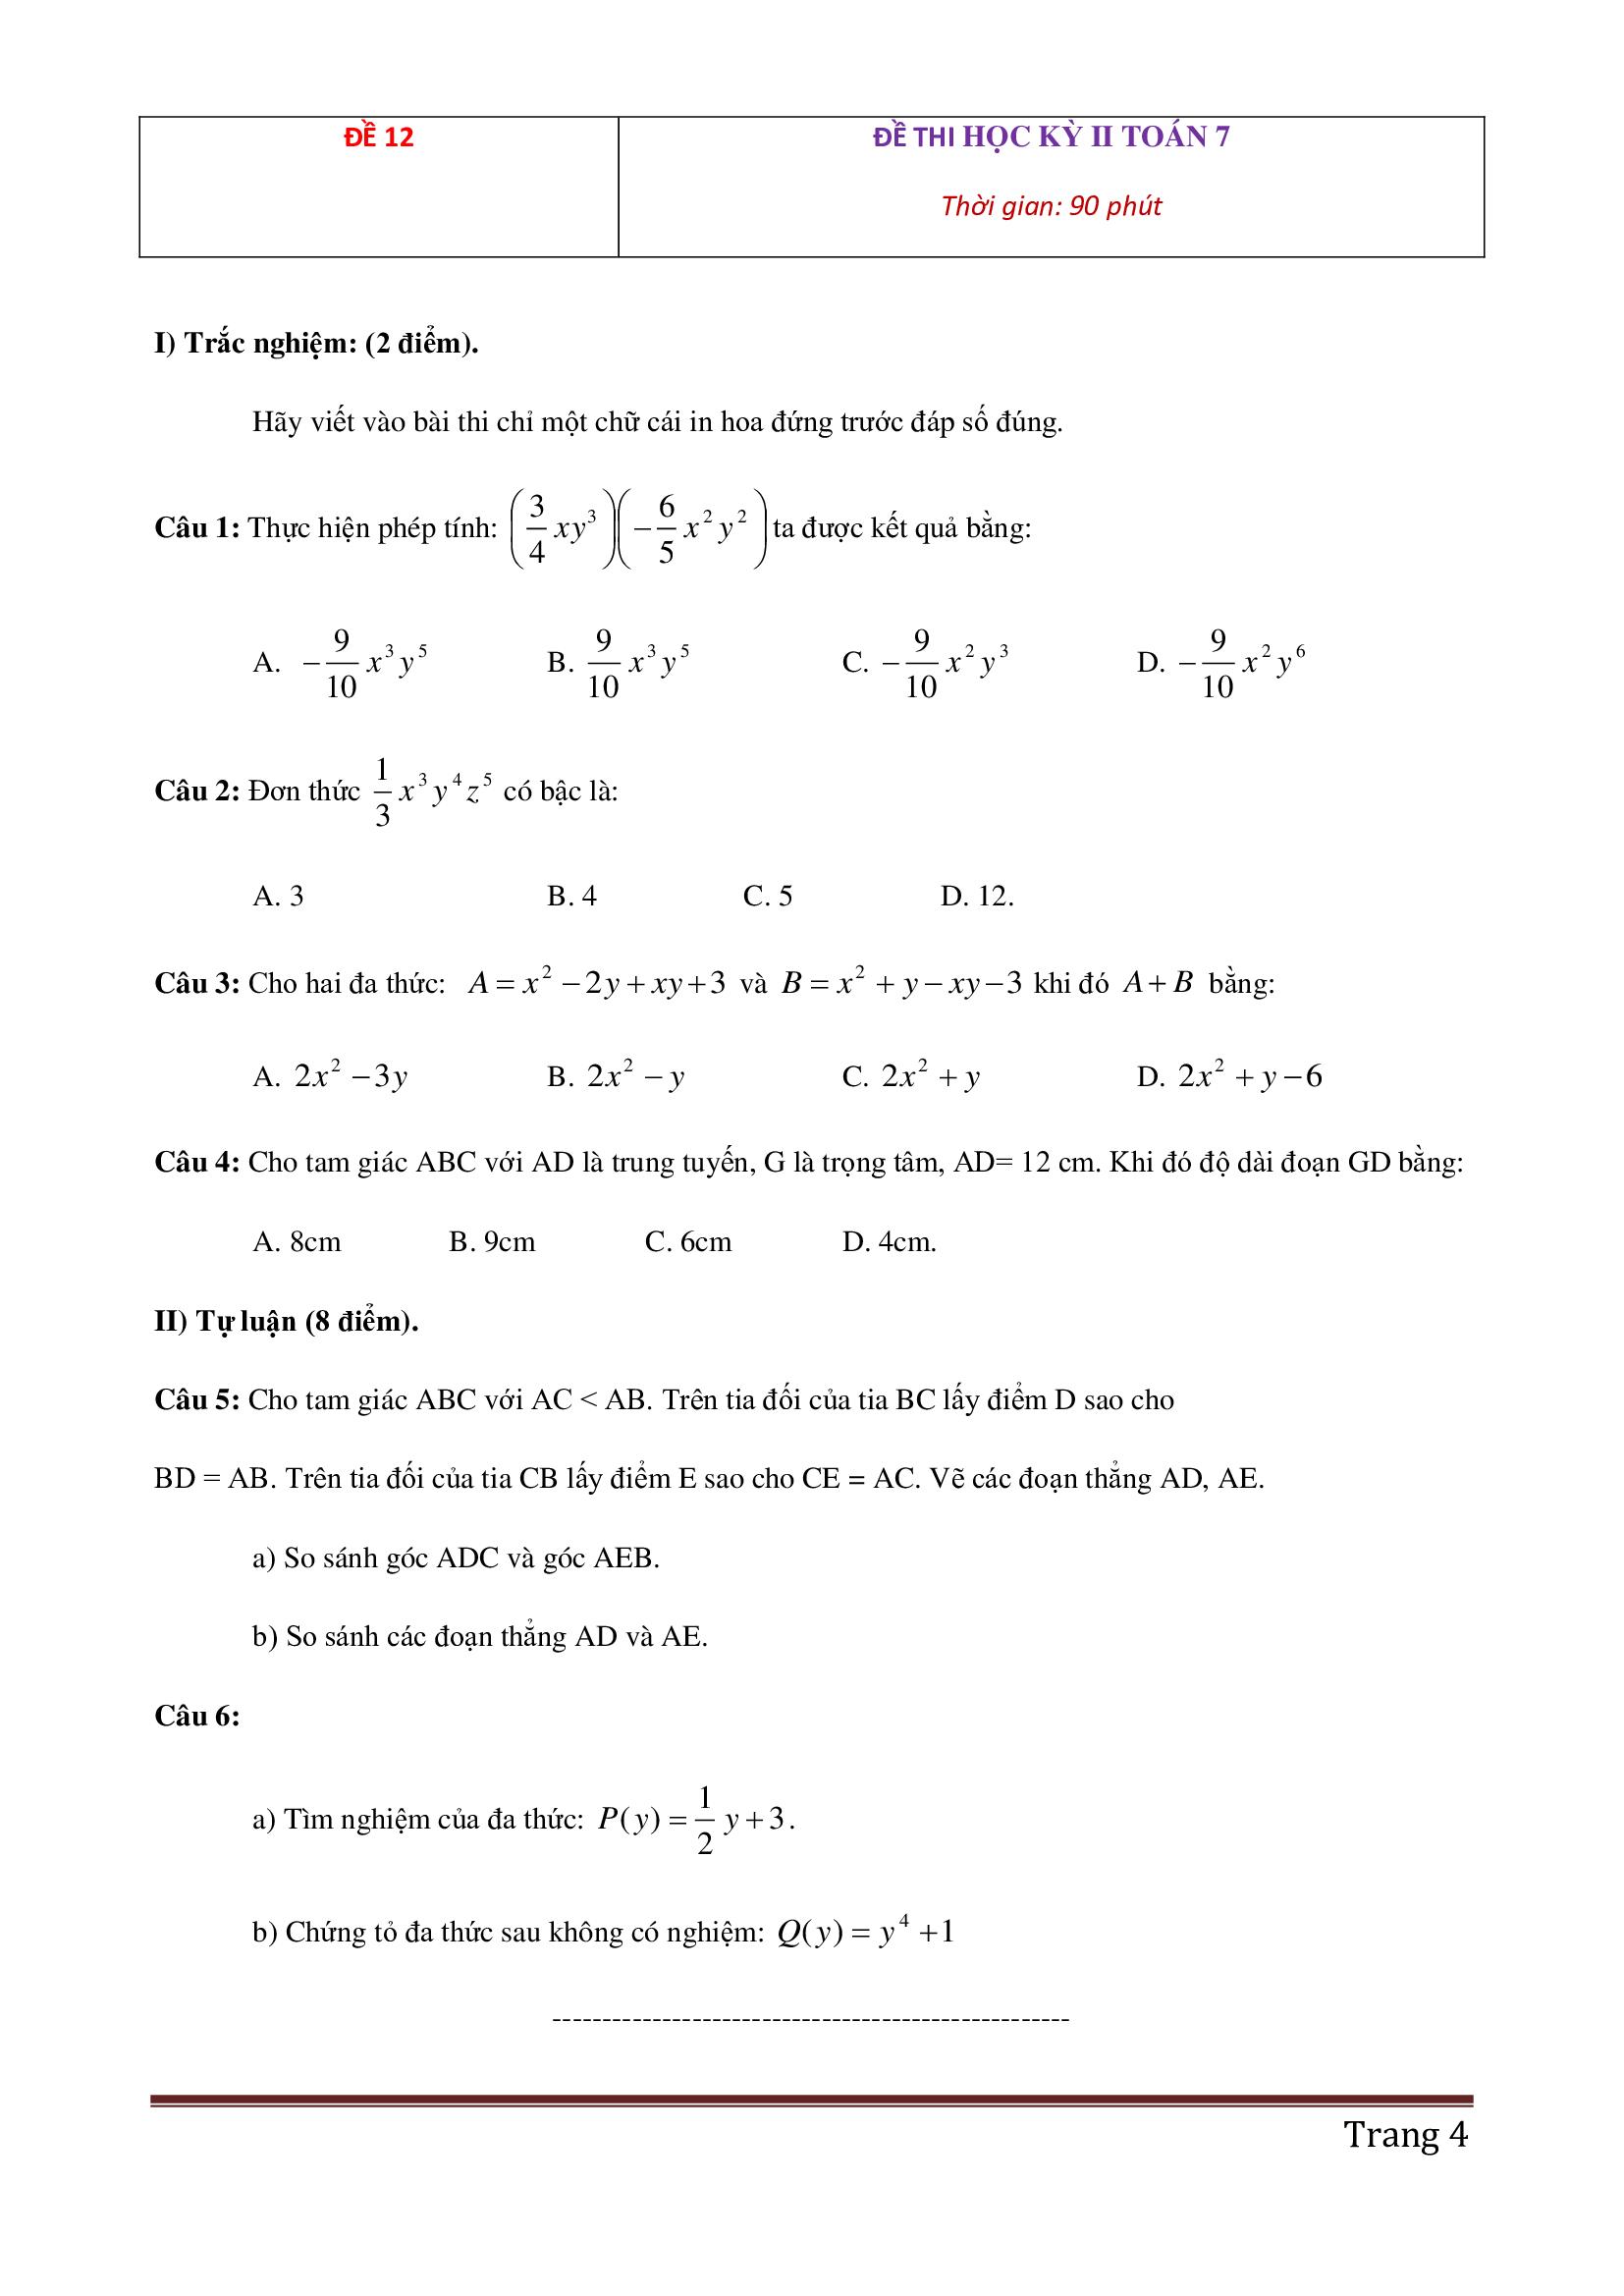 Đề thi hk2 toán 7 có đáp án cực dễ mới nhất